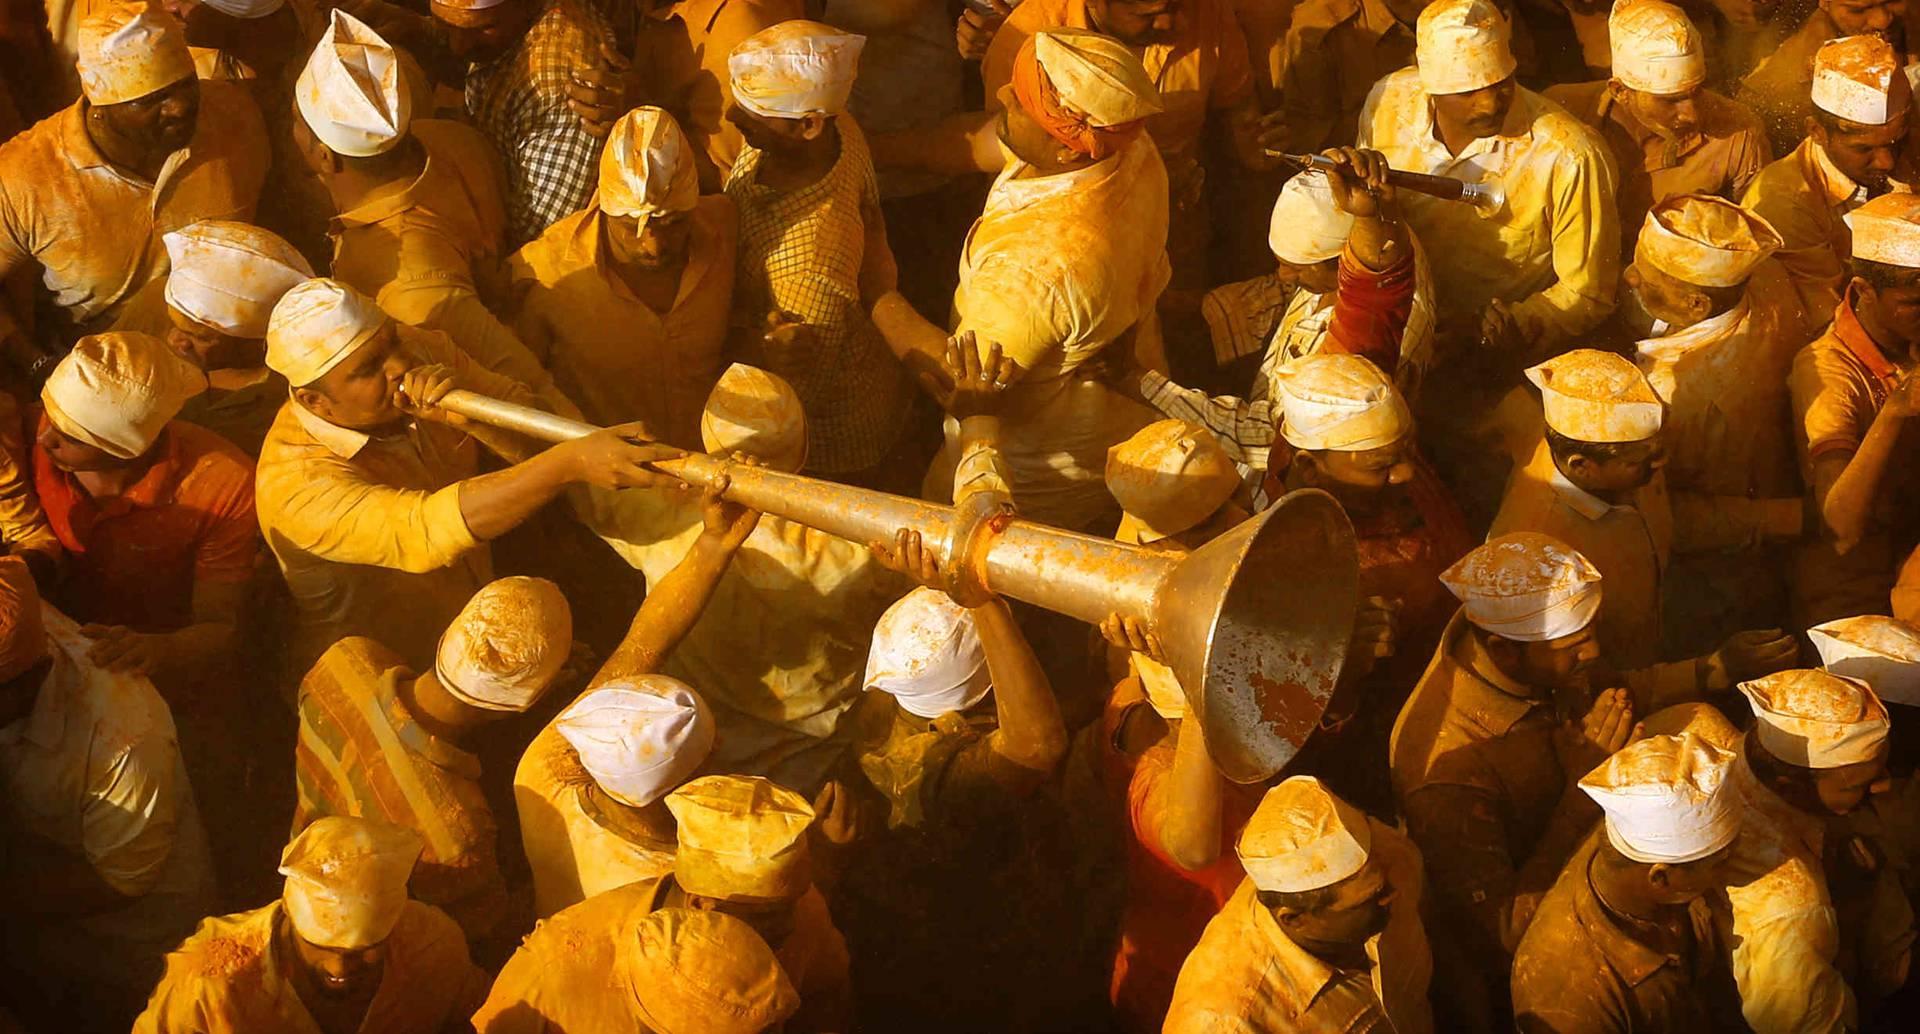 3 de junio - Un devoto toca un cuerno entre la multitud que se reunió durante la celebración del Festival de Bhandara, o el Festival de la Cúrcuma, en el templo de Jejuri en India. Durante el festival, los devotos usan el polvo dorado para adorar a la deidad, el Señor Khandoba, ampliamente conocido como descendiente del sol. FOTO: Rafiq Maqbool / AP